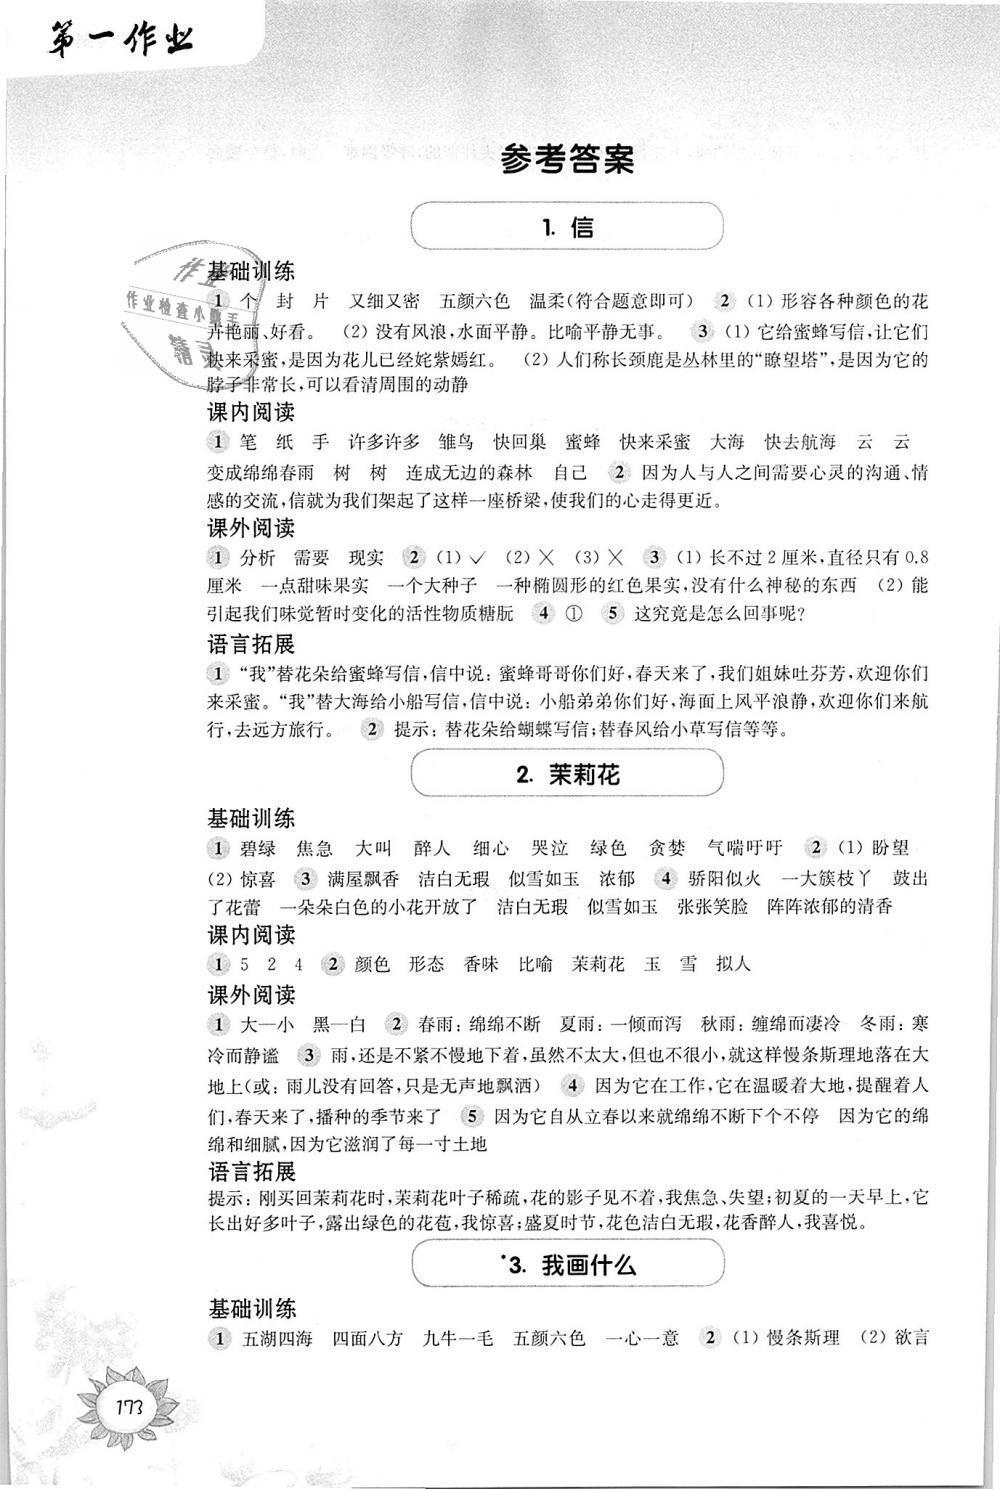 2018年第一作業三年級語文第一學期滬教版第1頁